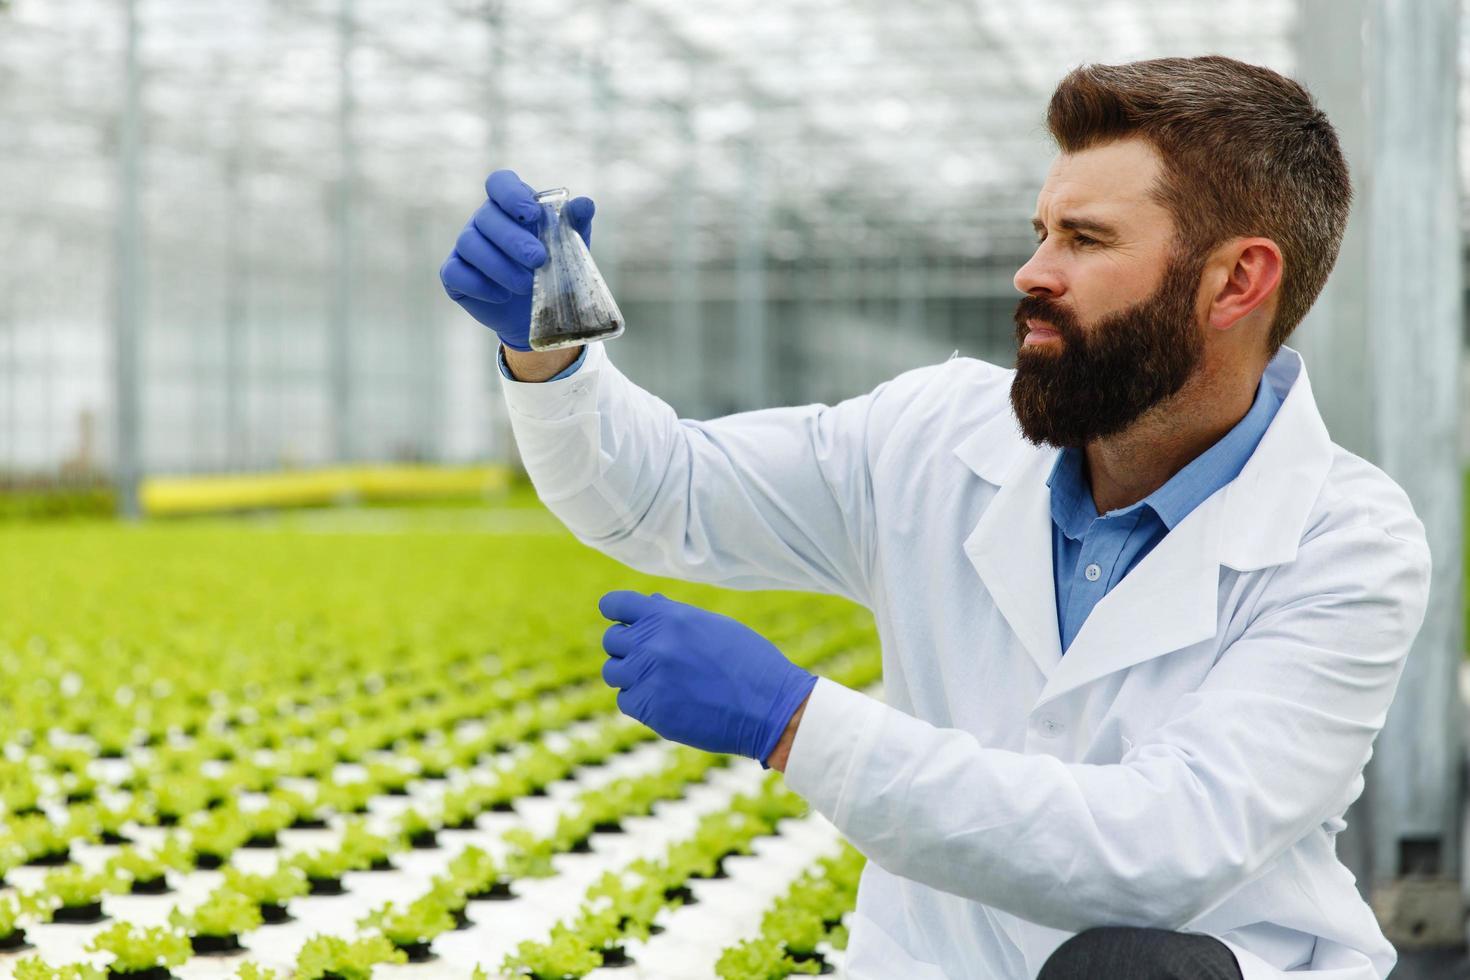 L'homme prend un échantillon dans une fiole d'erlenmeyer photo